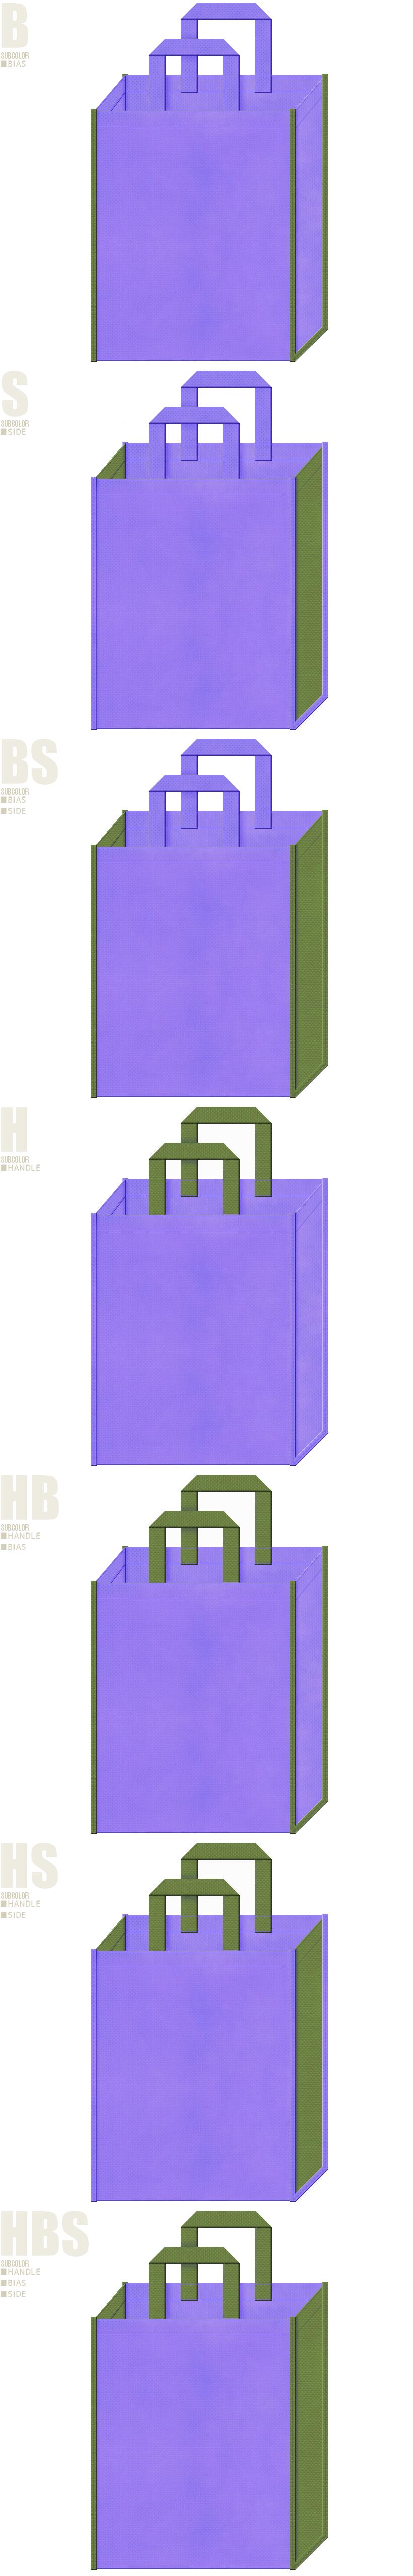 藤・花菖蒲・華道・生け花・邦楽演奏会・和風庭園・和風催事にお奨めの不織布バッグデザイン:薄紫色と草色の配色7パターン